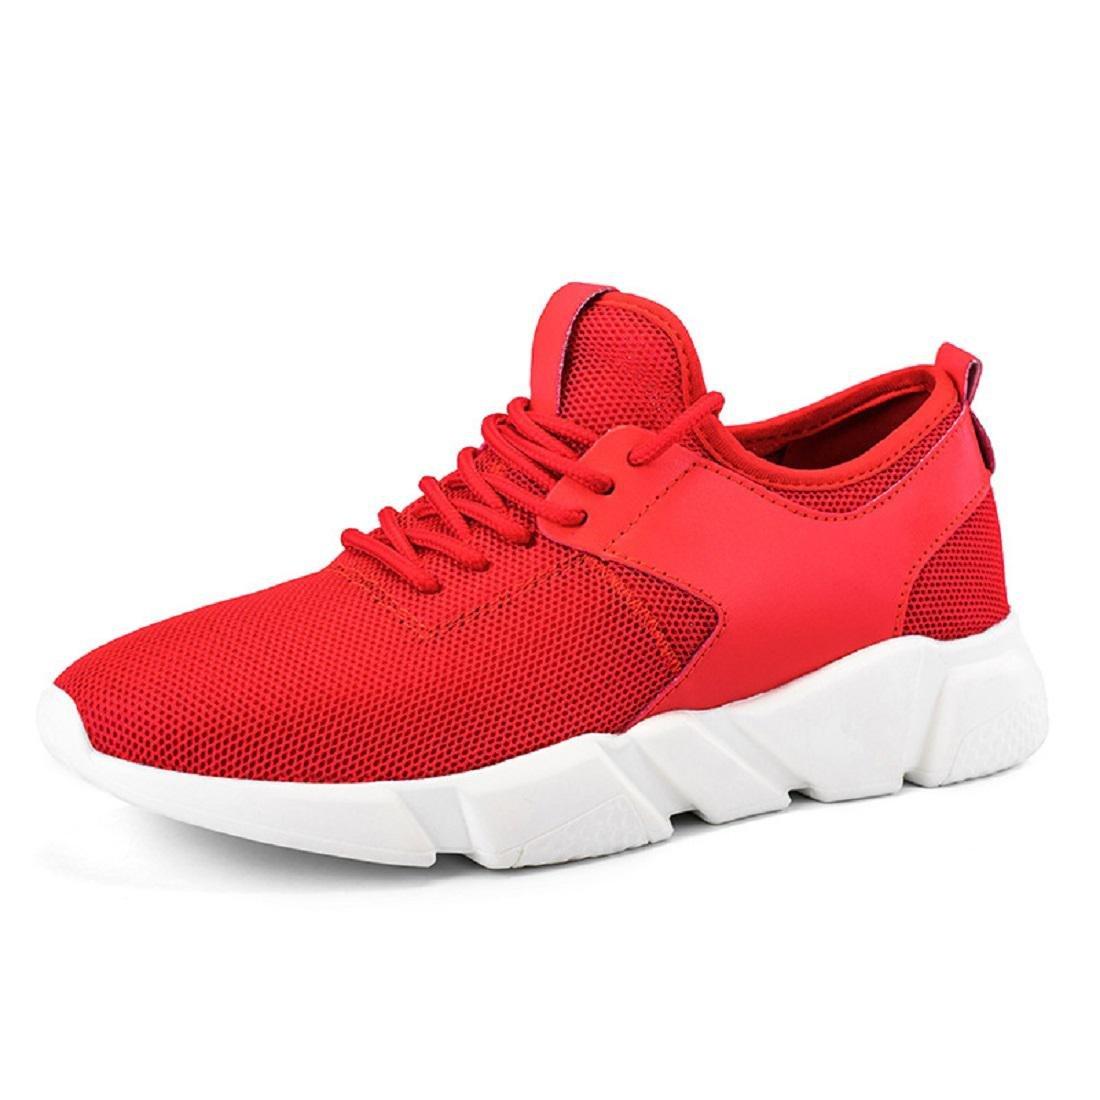 Herren Atmungsaktiv Herbst Draussen Sportschuhe Mode Laufschuhe Trainer Licht Flache Schuhe Schuhe erhöhen EUR GRÖSSE 39-44